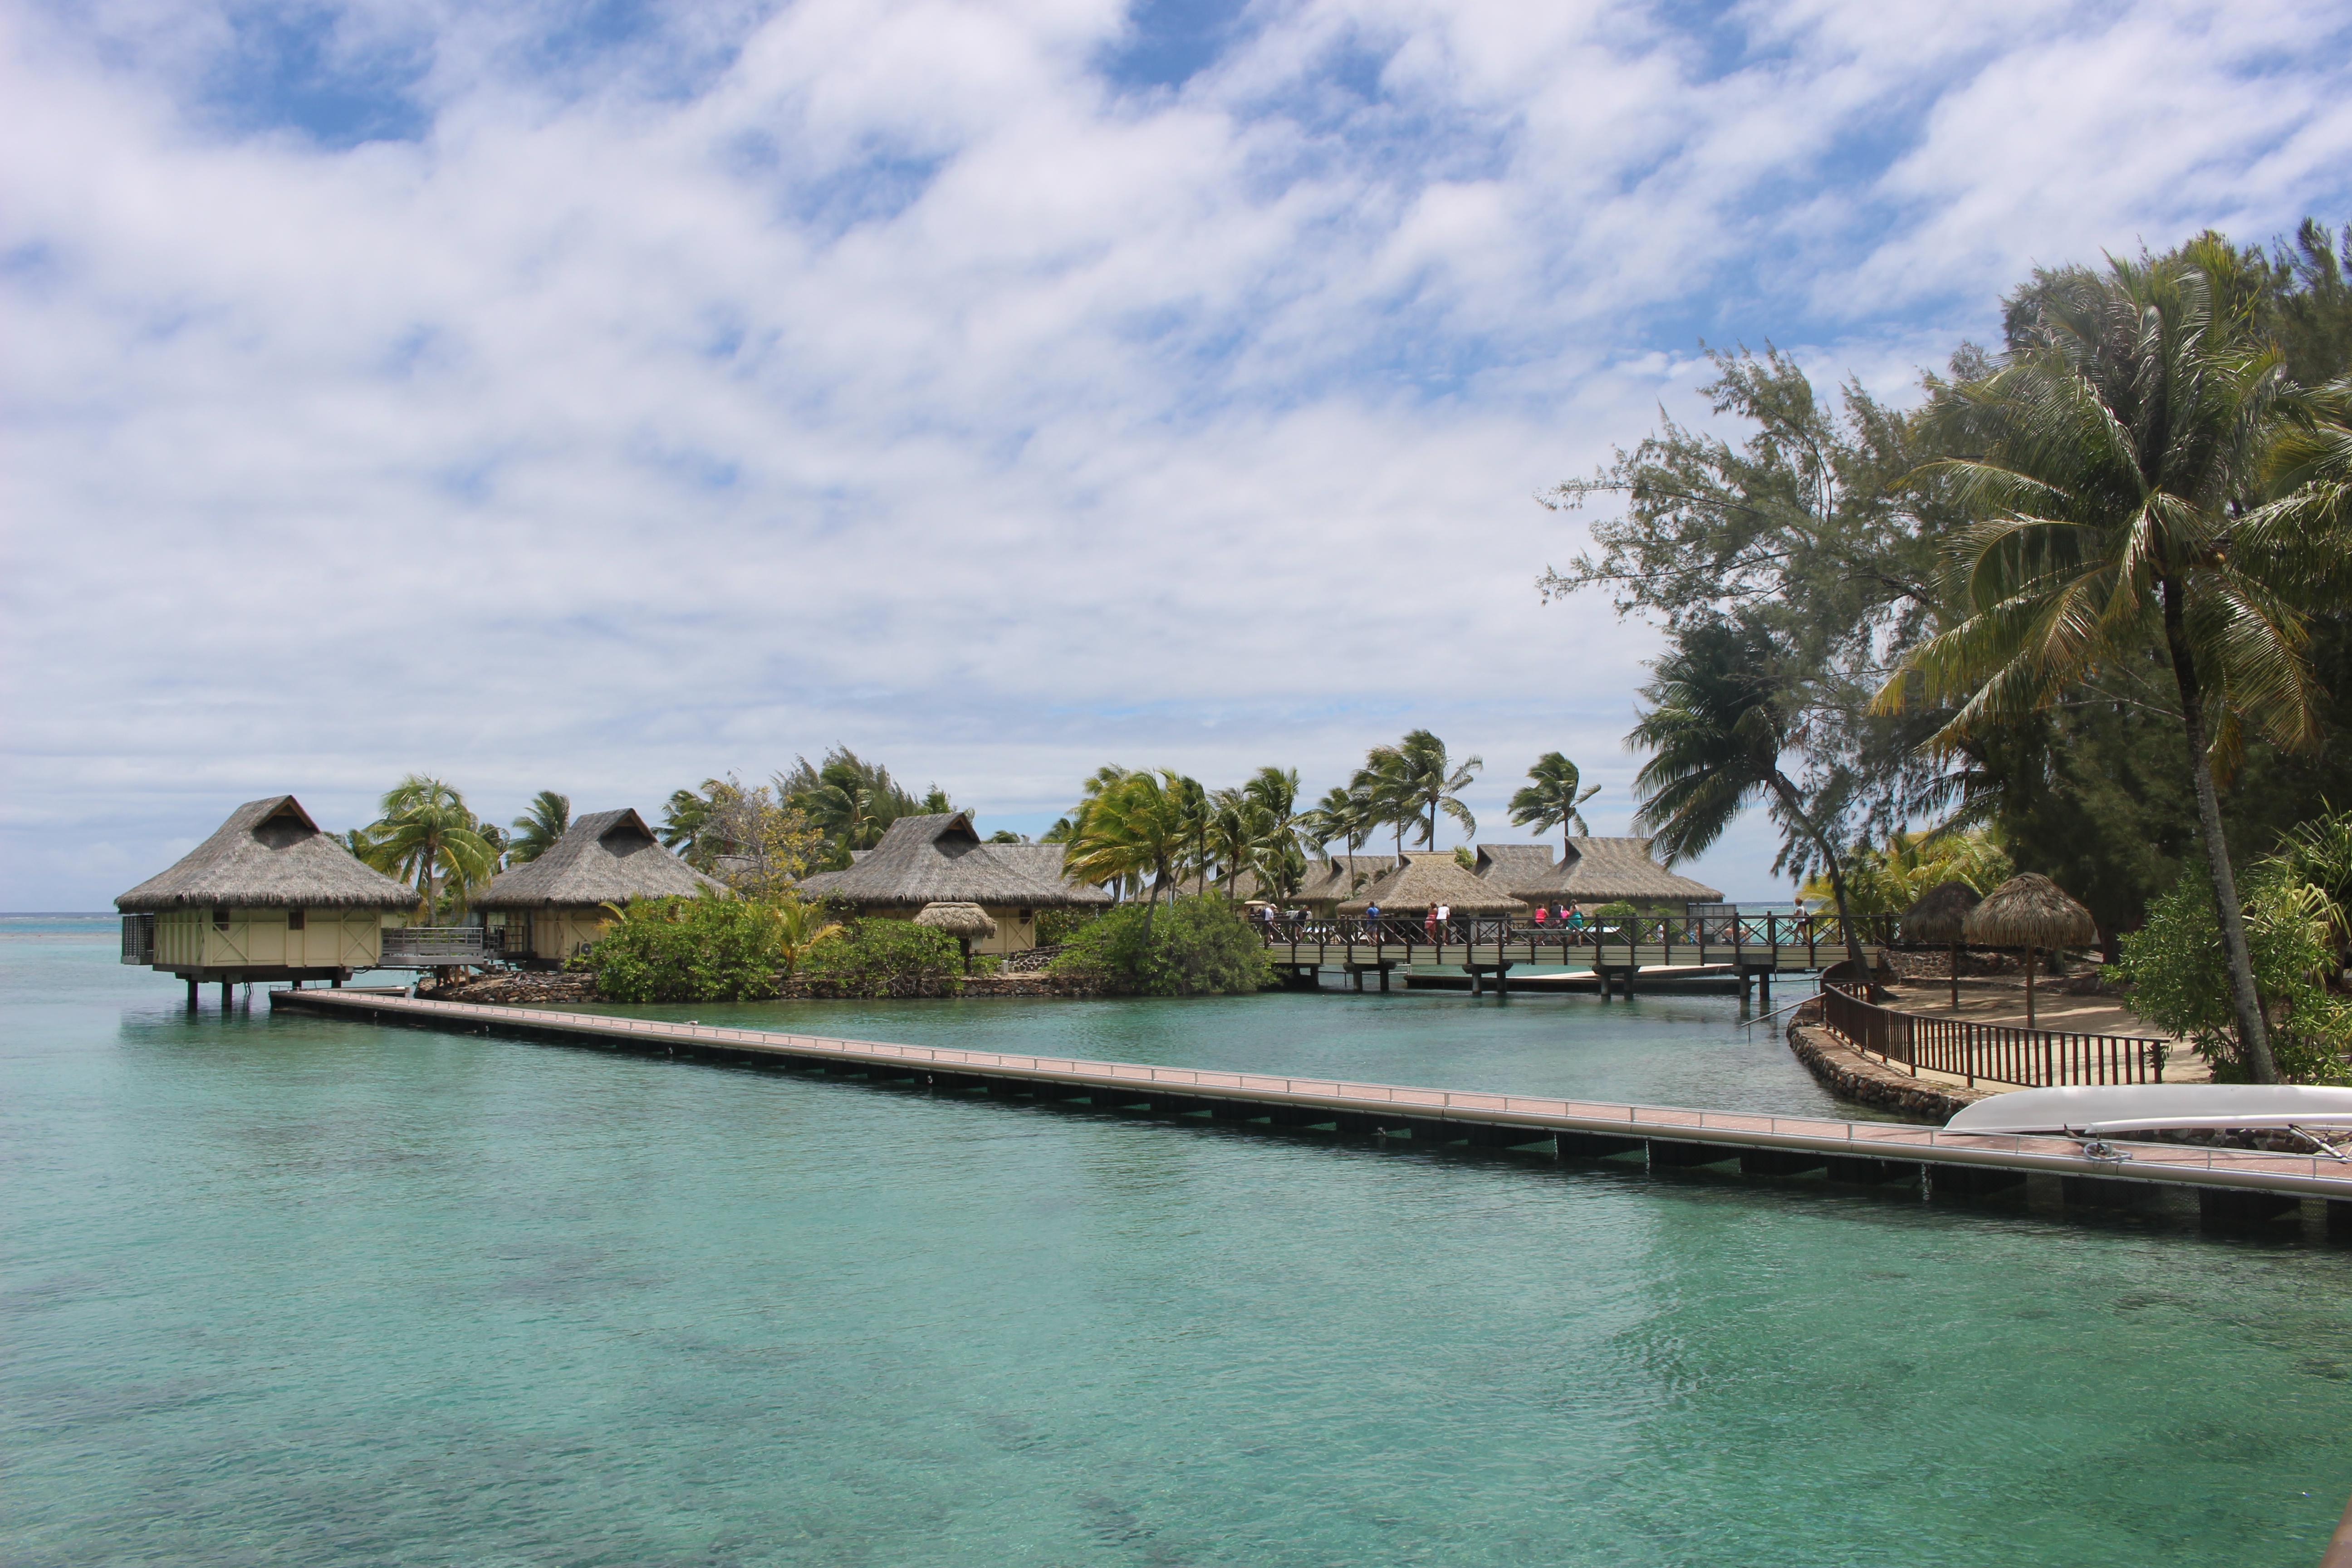 https://tahititourisme.ca/wp-content/uploads/2017/11/voyagesamarc-tahiti-2015-ml-34-1.jpg